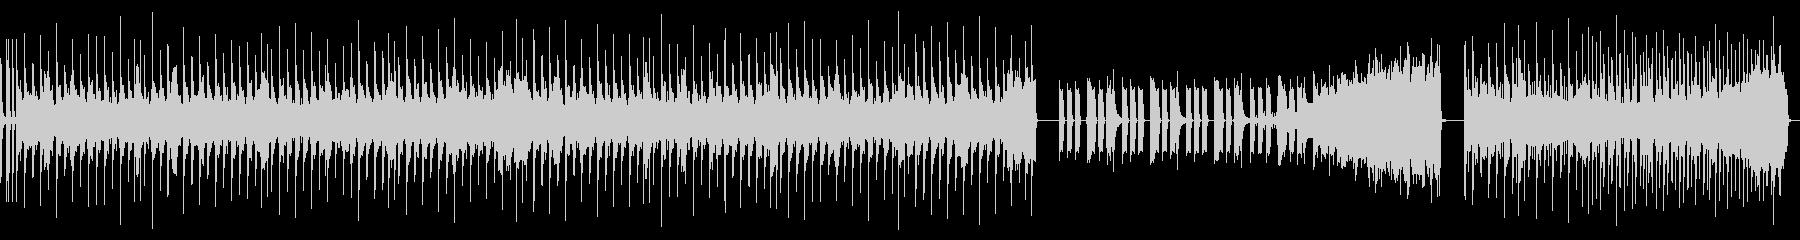 奇抜でキャッチーなベースサウンドの未再生の波形